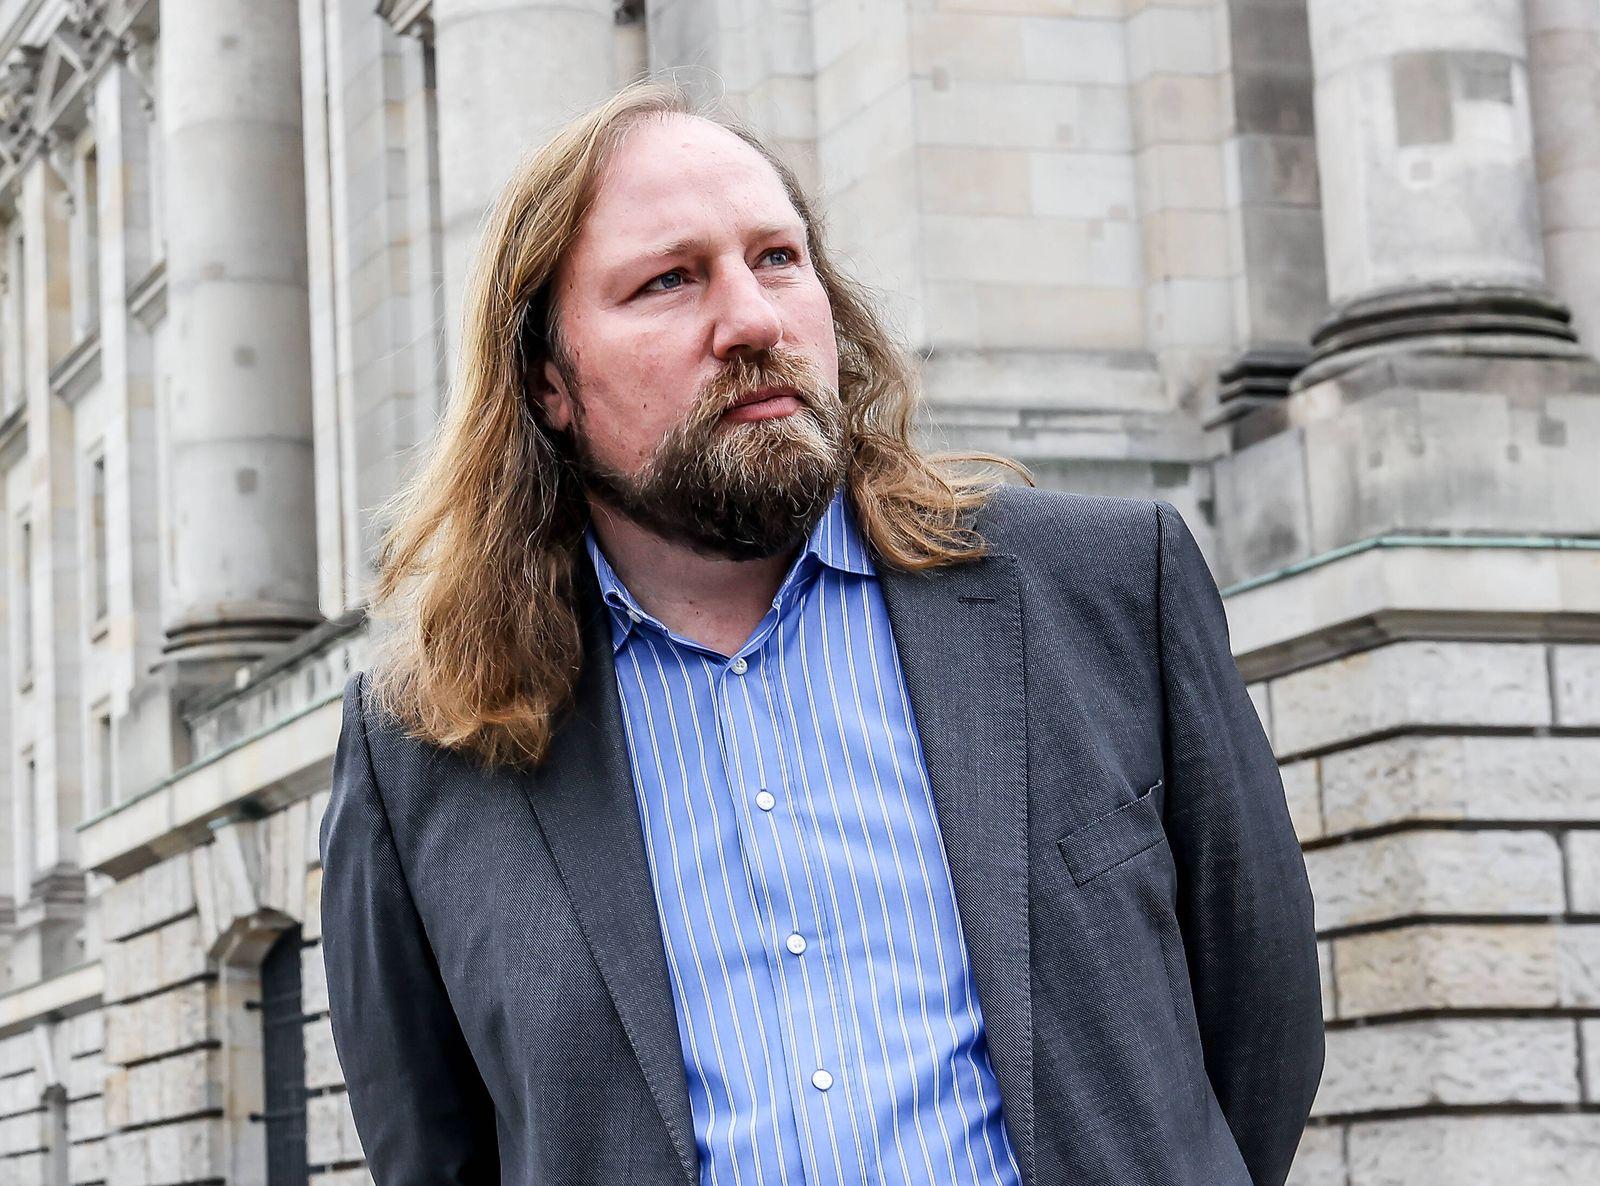 Grünen - Fraktionschef Anton Hofreiter Grünen - Fraktionschef Anton Hofreiter *** Head of the Green parliamentary group